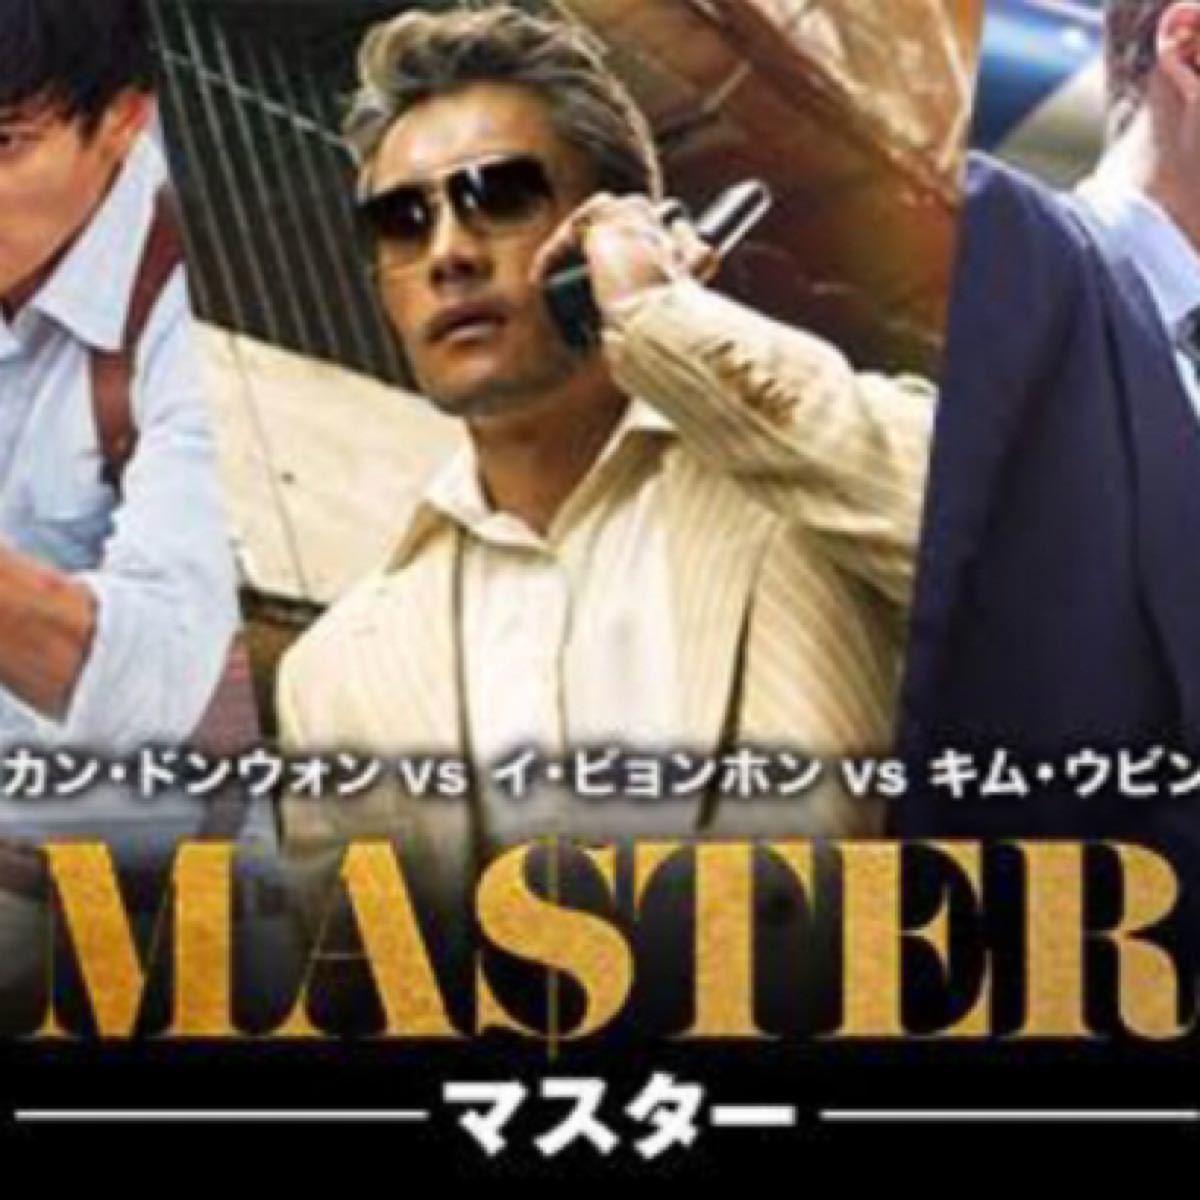 韓国映画  マスター  イ・ビョンホン  カン・ドンウォン  DVD  日本語吹替有り  レーベル有り